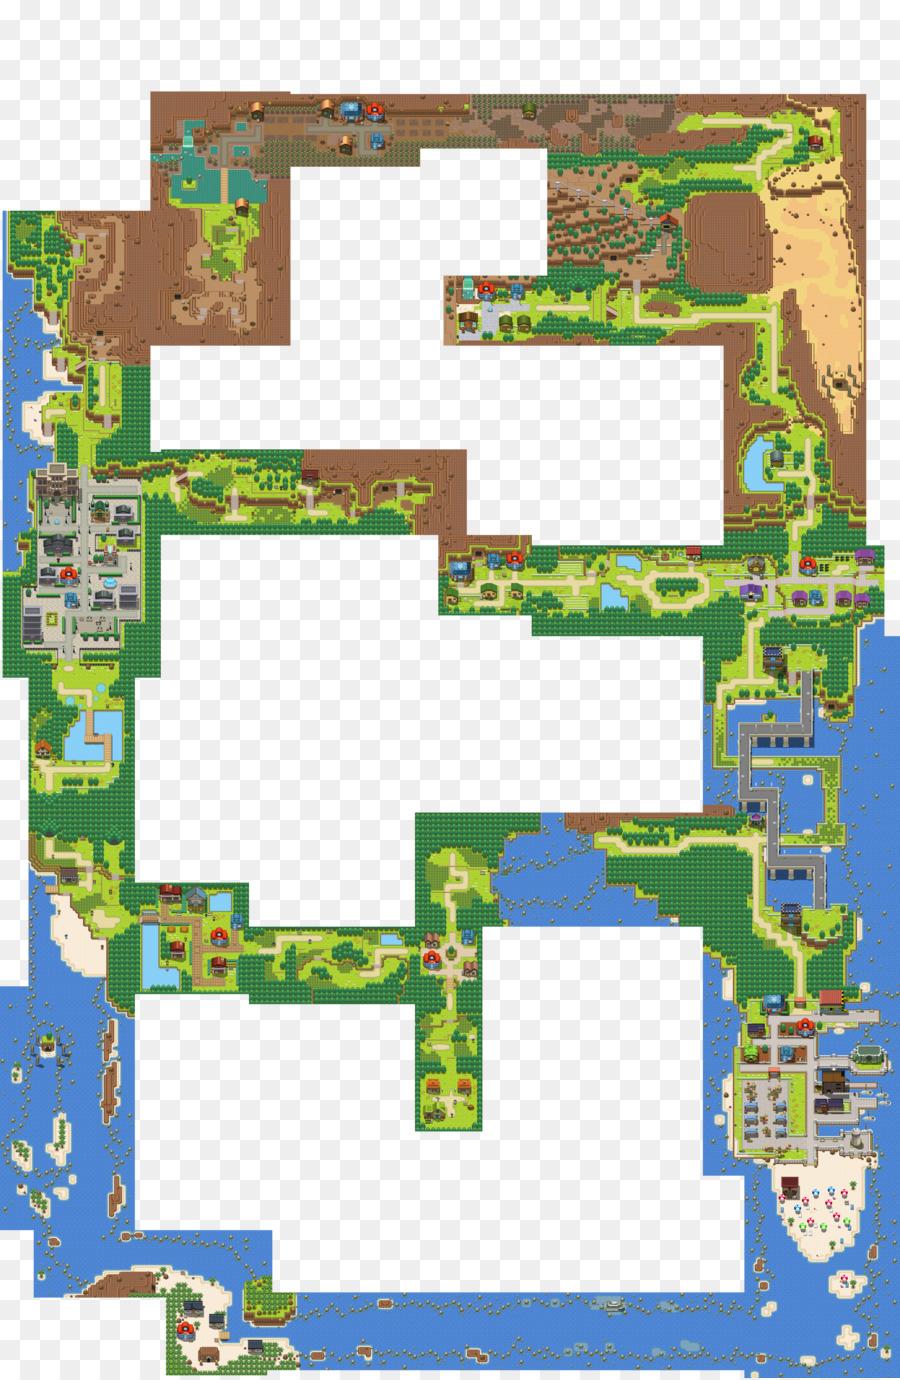 Pokemon Emerald World Map.Pokemon Ruby And Sapphire Pokemon Emerald Pokemon Omega Ruby And